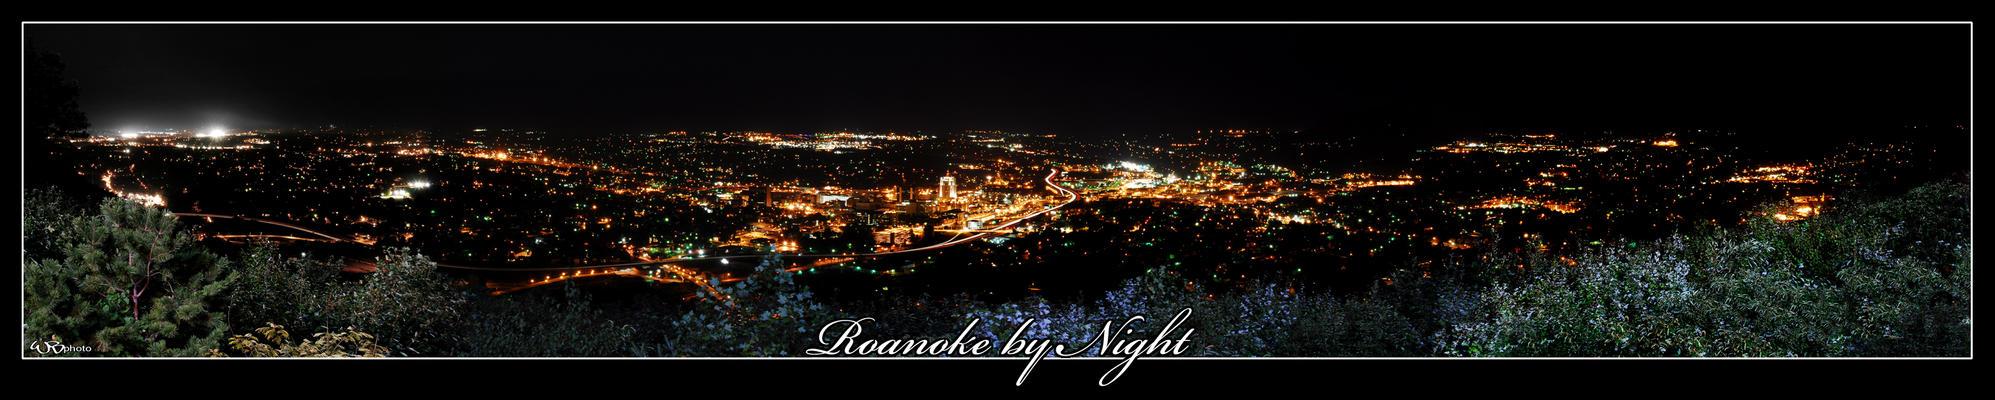 Roanoke by Night by WeezyBlue